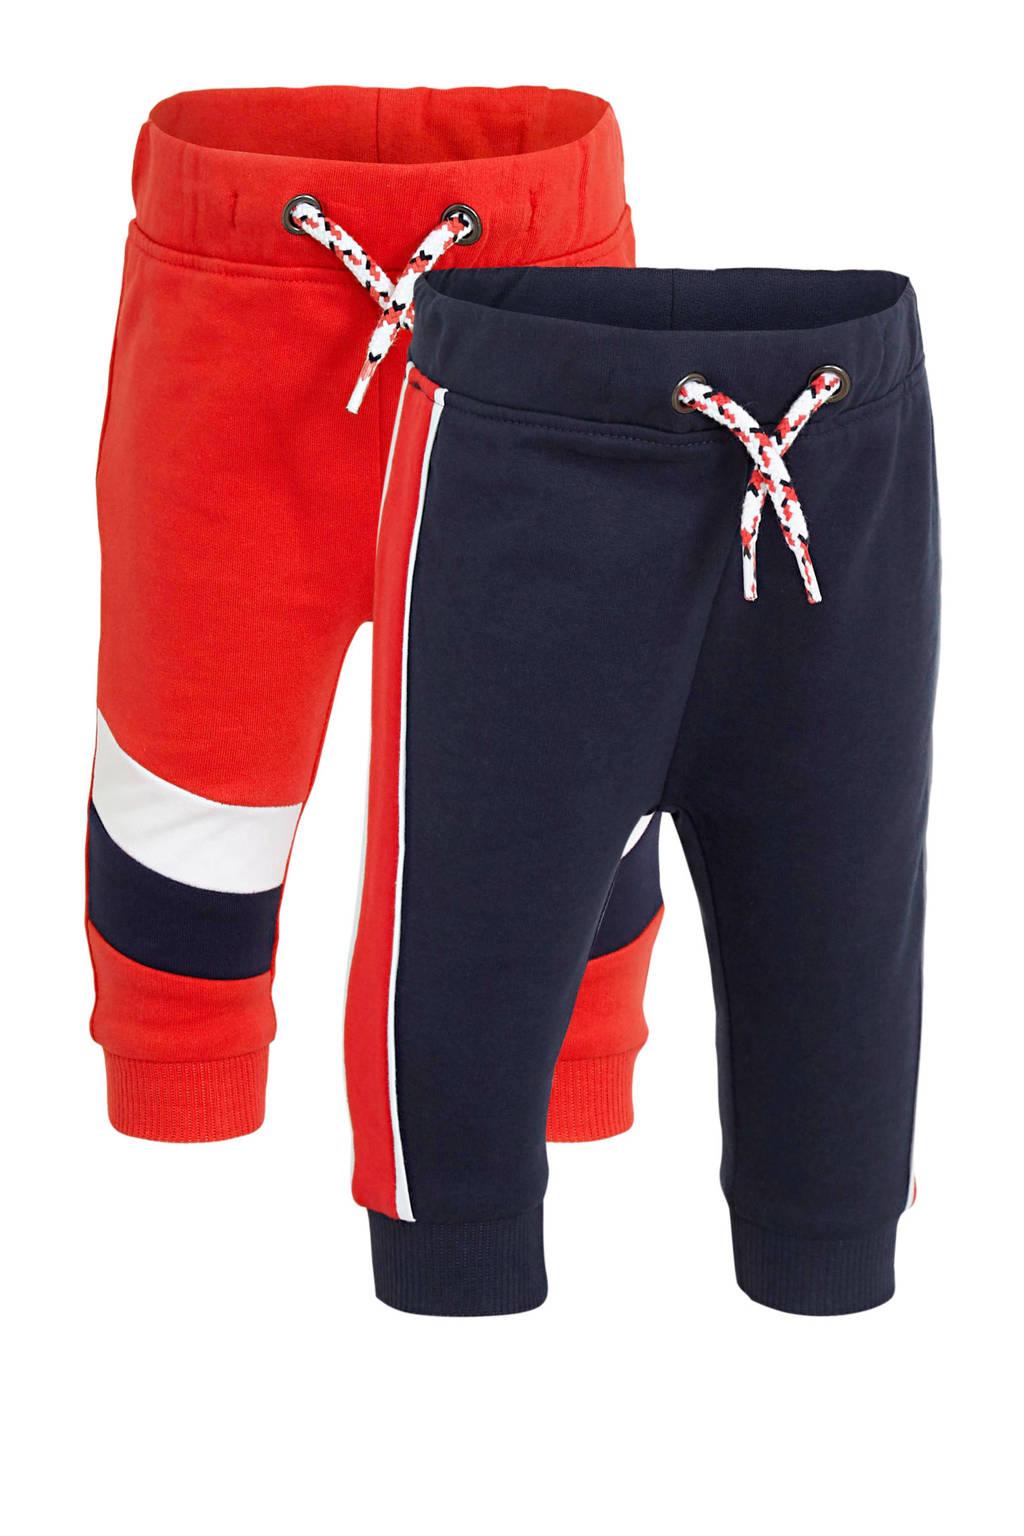 C&A Baby Club joggingbroek set van 2 rood/donkerblauw/wit, Rood/donkerblauw/wit